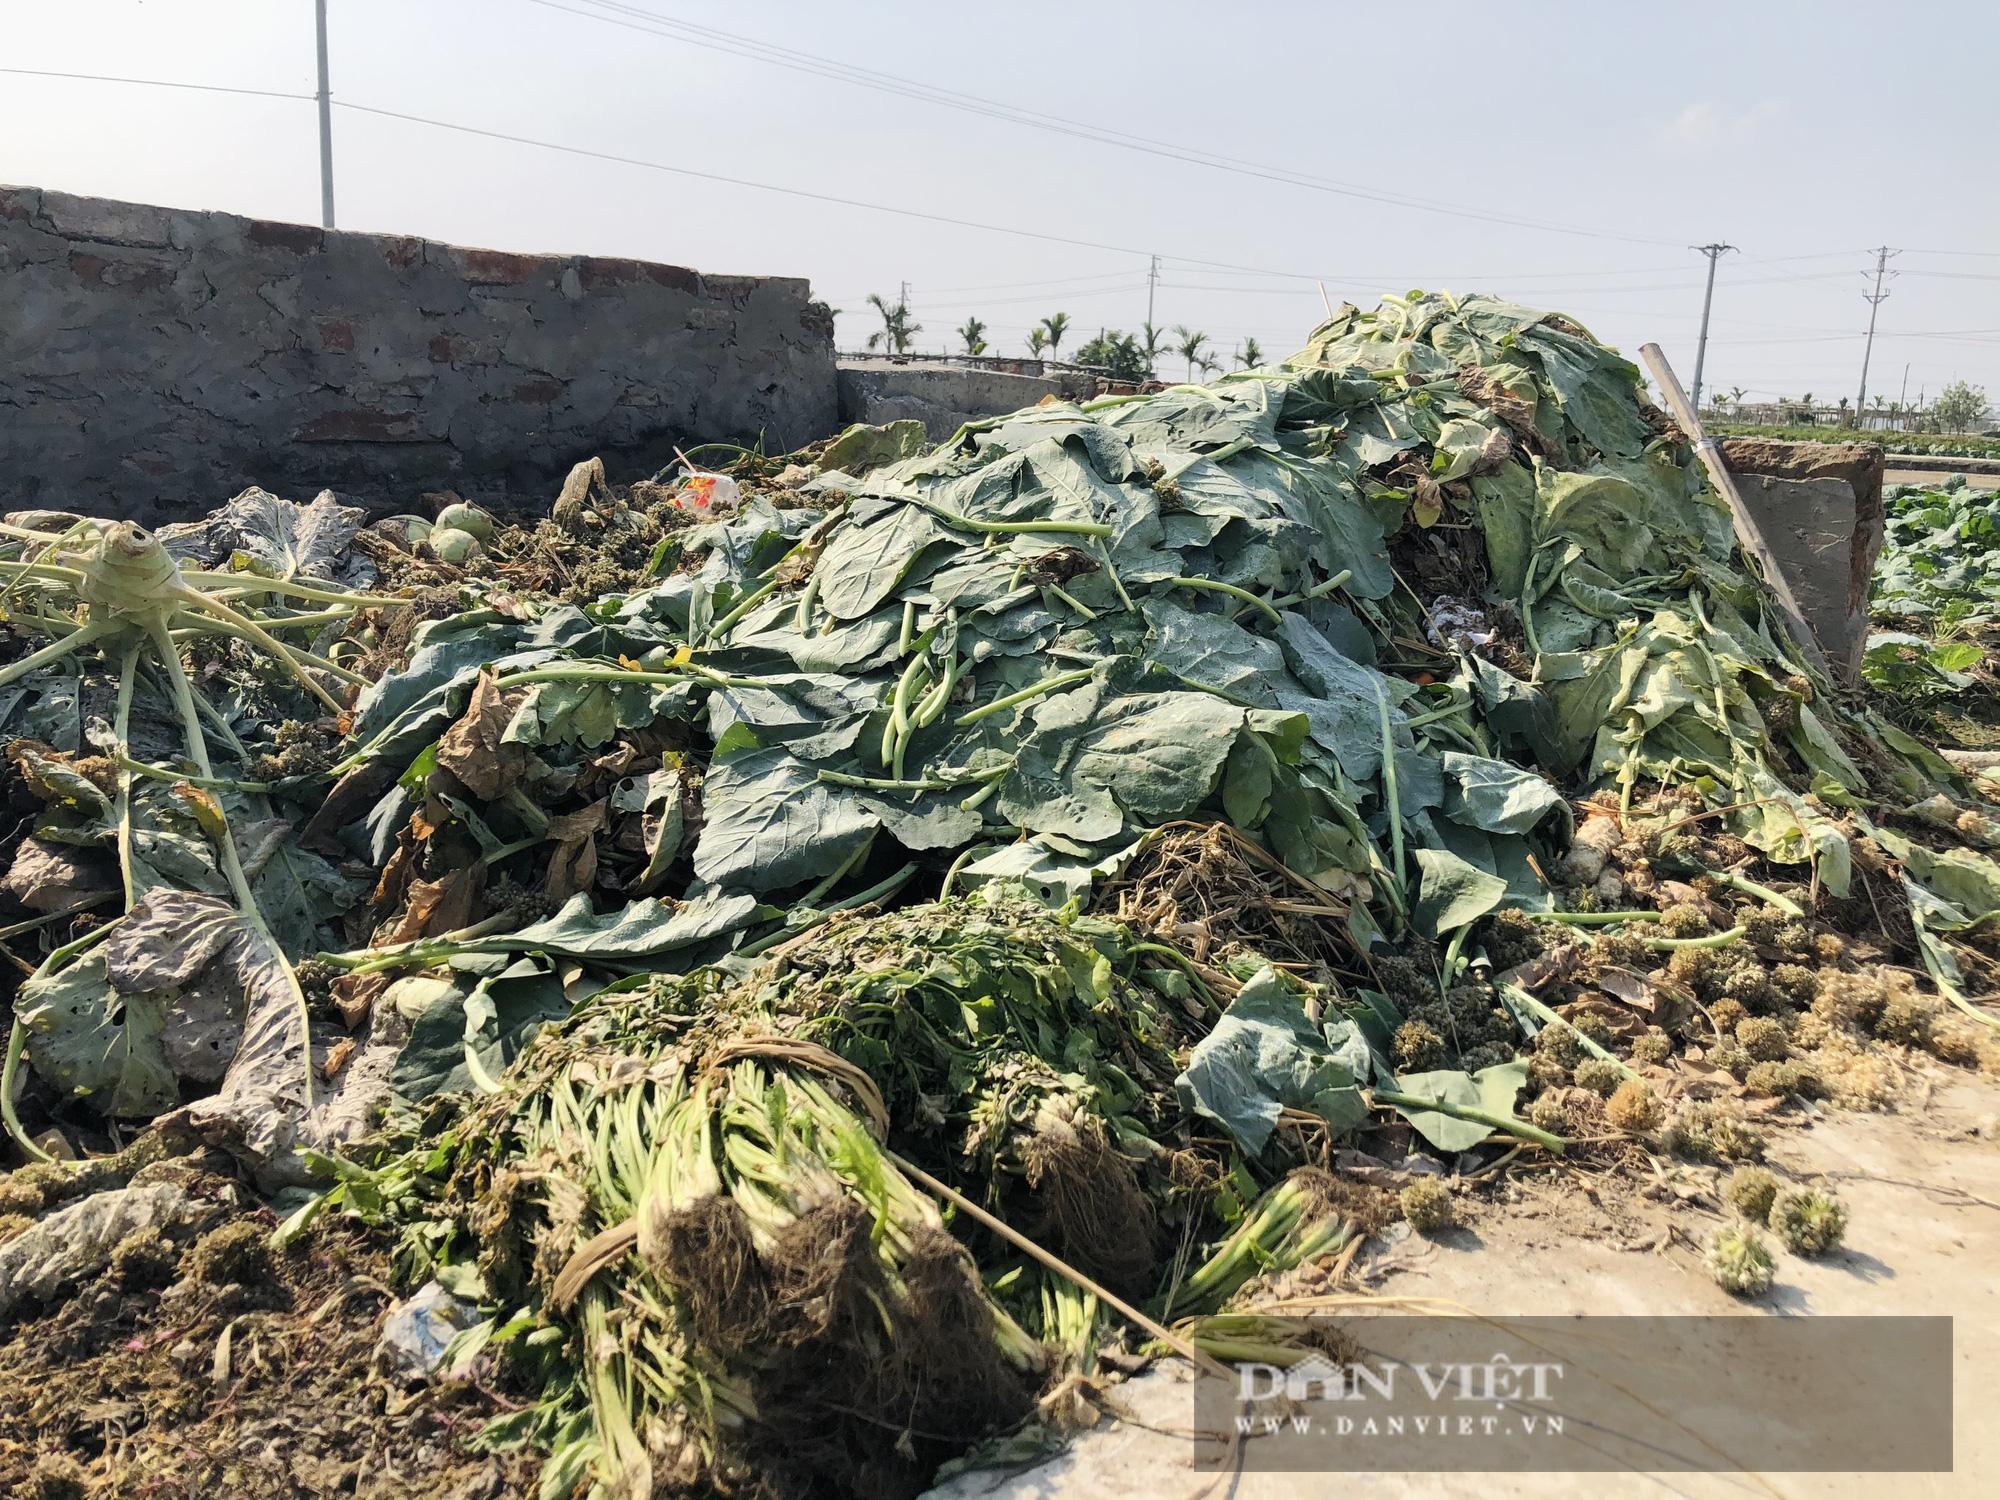 Thái Bình: Rau rẻ như cho, chỉ 8.000 nghìn đồng/15 củ su hào, nông dân chán nản cắt về làm thức ăn cho bò - Ảnh 5.